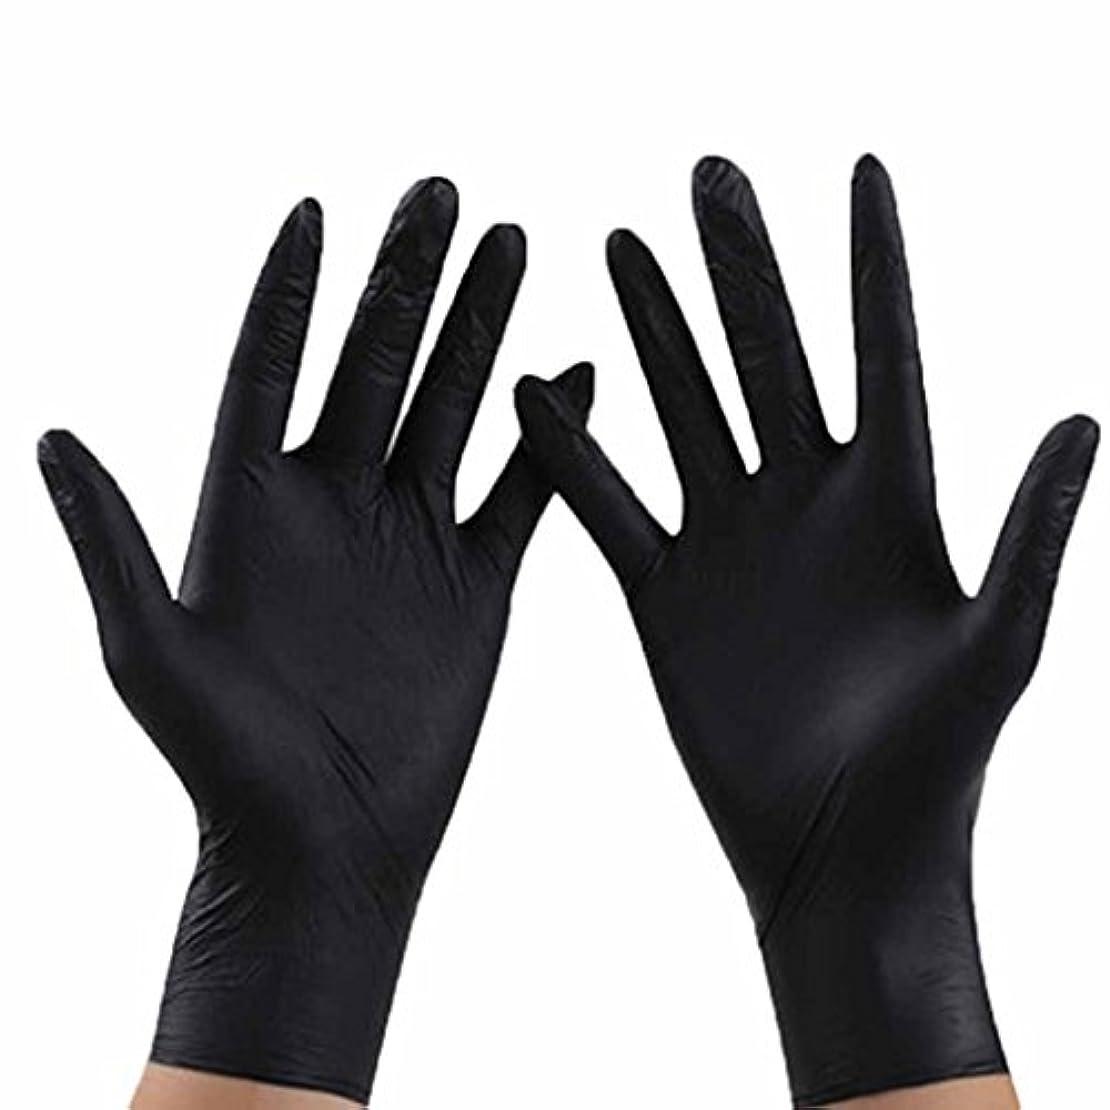 鉱石エイリアス方程式使い捨て手袋 ブラックニトリル通気性使い捨て手袋防水防汚環境保護手袋 (Size : M)